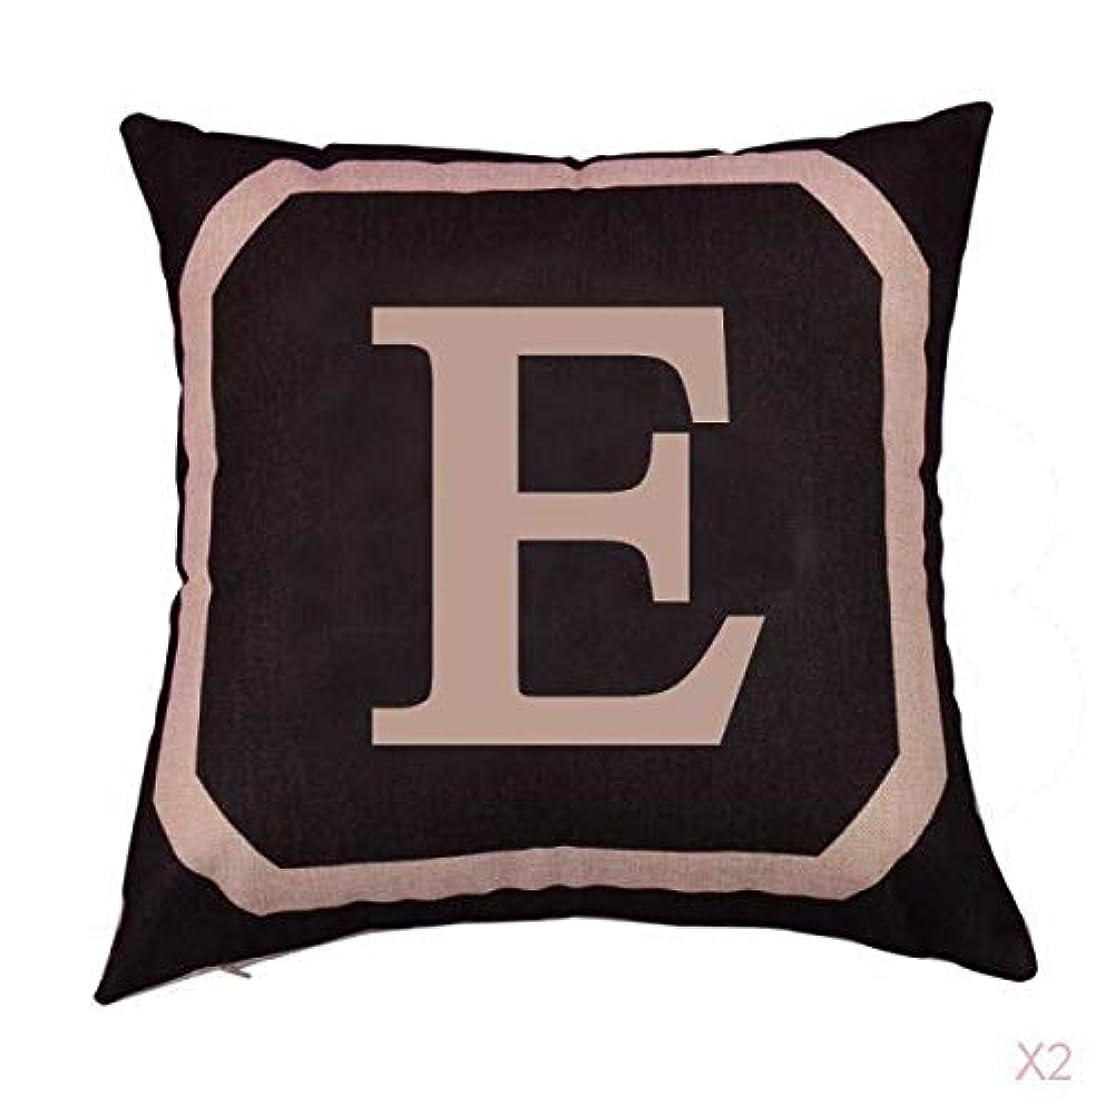 ストレージショッピングセンター晩ごはんFLAMEER 正方形の綿のリネンスローピローケース腰クッションカバーベッドソファ装飾電子